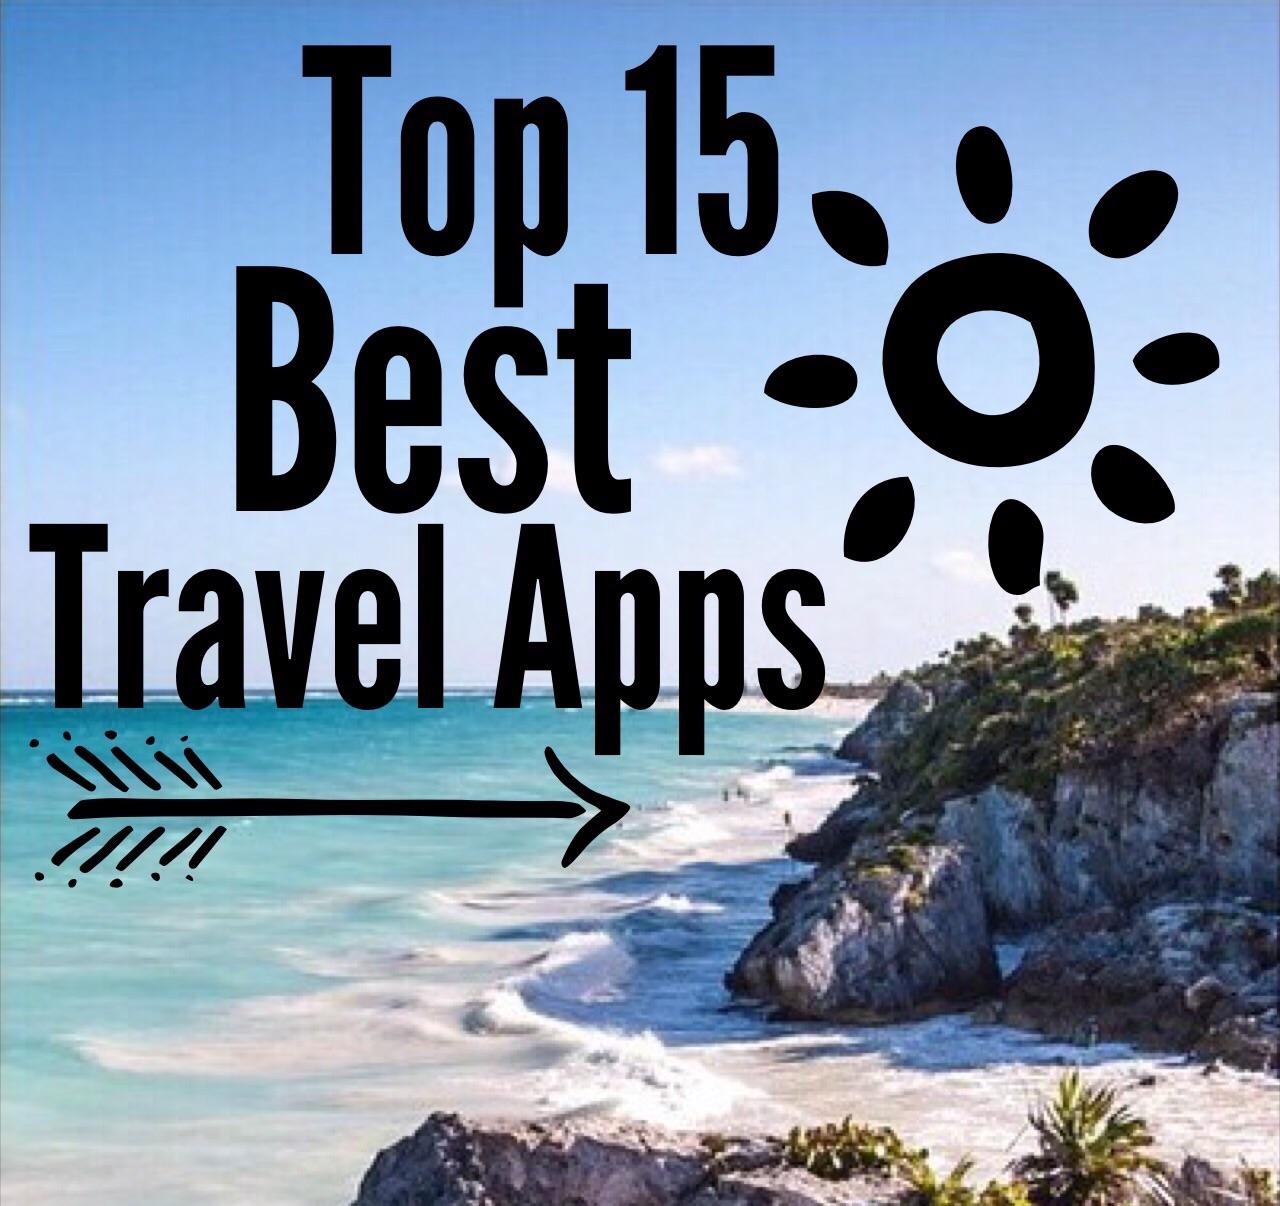 Top 15 Best Travel Apps